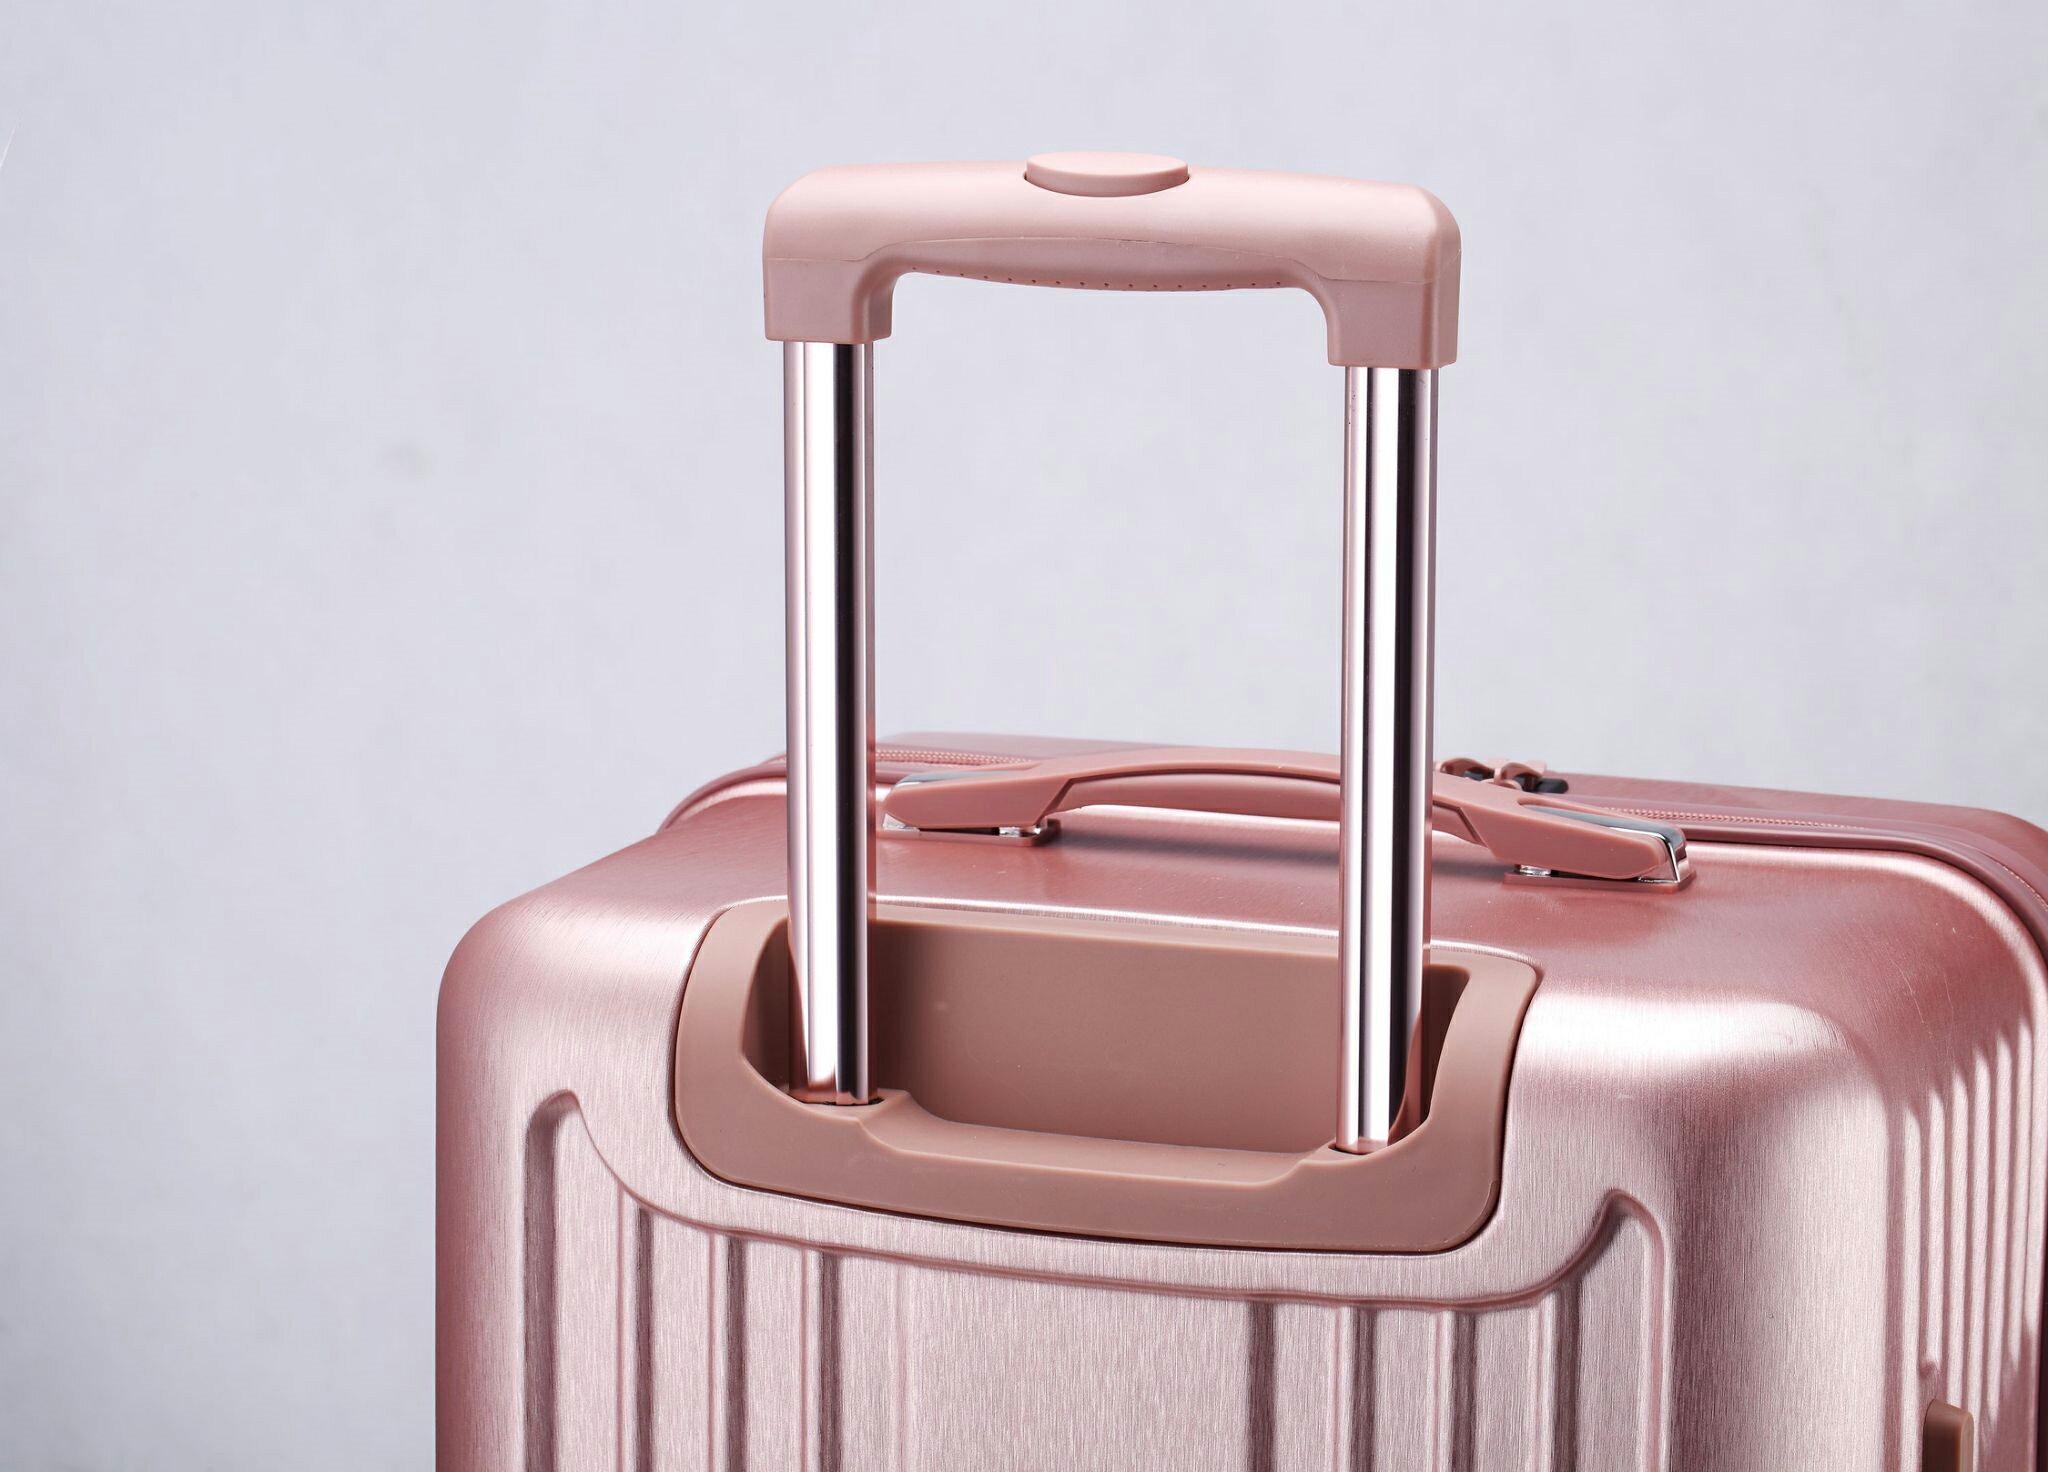 運動款 拉鍊 胖胖箱 旅行箱 20吋25吋29吋 行李箱 -鐵灰色 / 深紫色 / 玫瑰金-現貨當日出貨-免運台南可預約自取 6